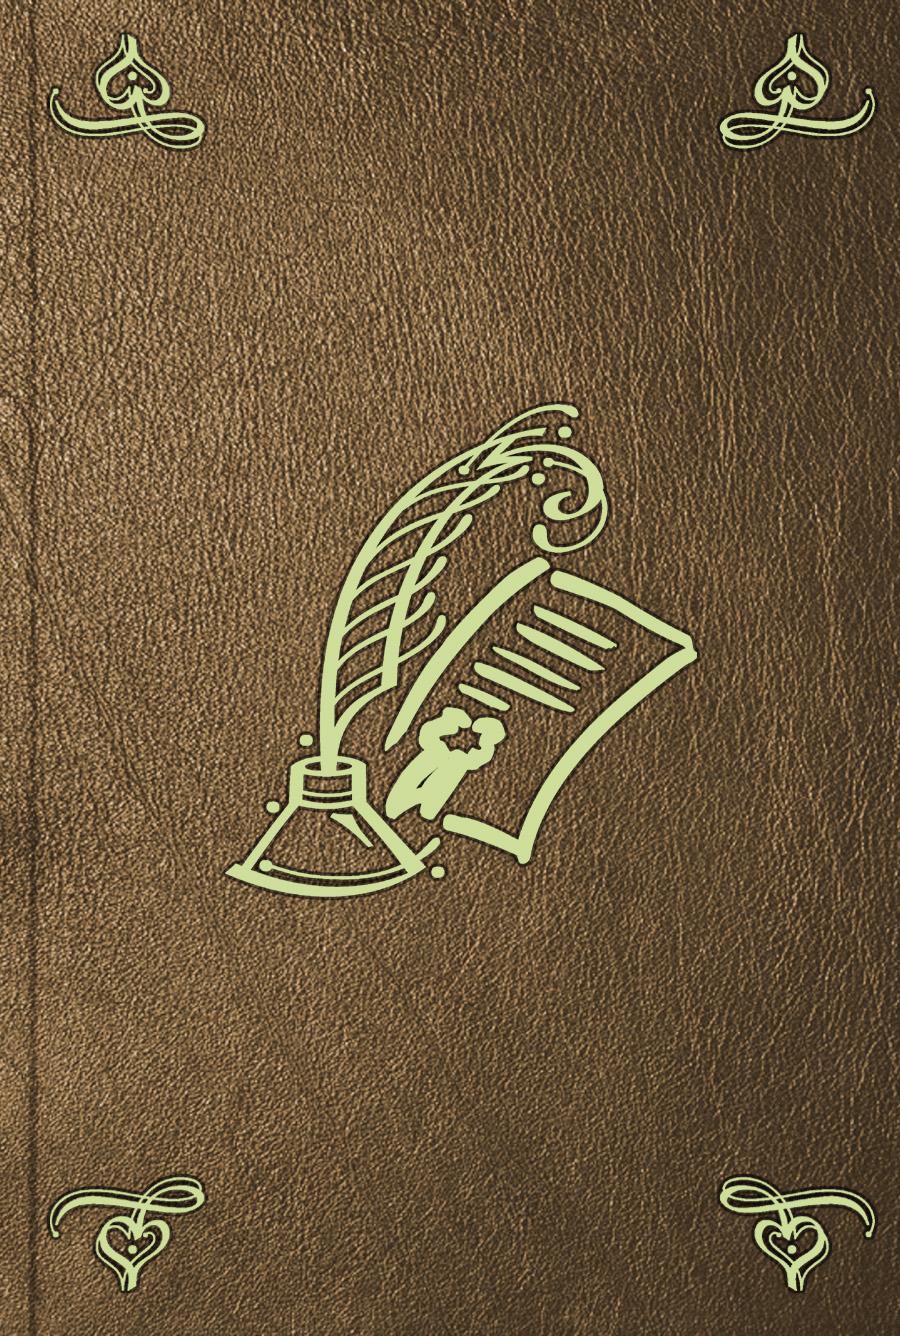 Отсутствует Реэстр пожалованным по высочайшим ея императорскаго величества указам в чины, и определенным в нижеписанныя места отсутствует опись высочайшим рескриптам указам и повелениям последовавшим по бывшим комиссии составления законов… 1801 1893 г г